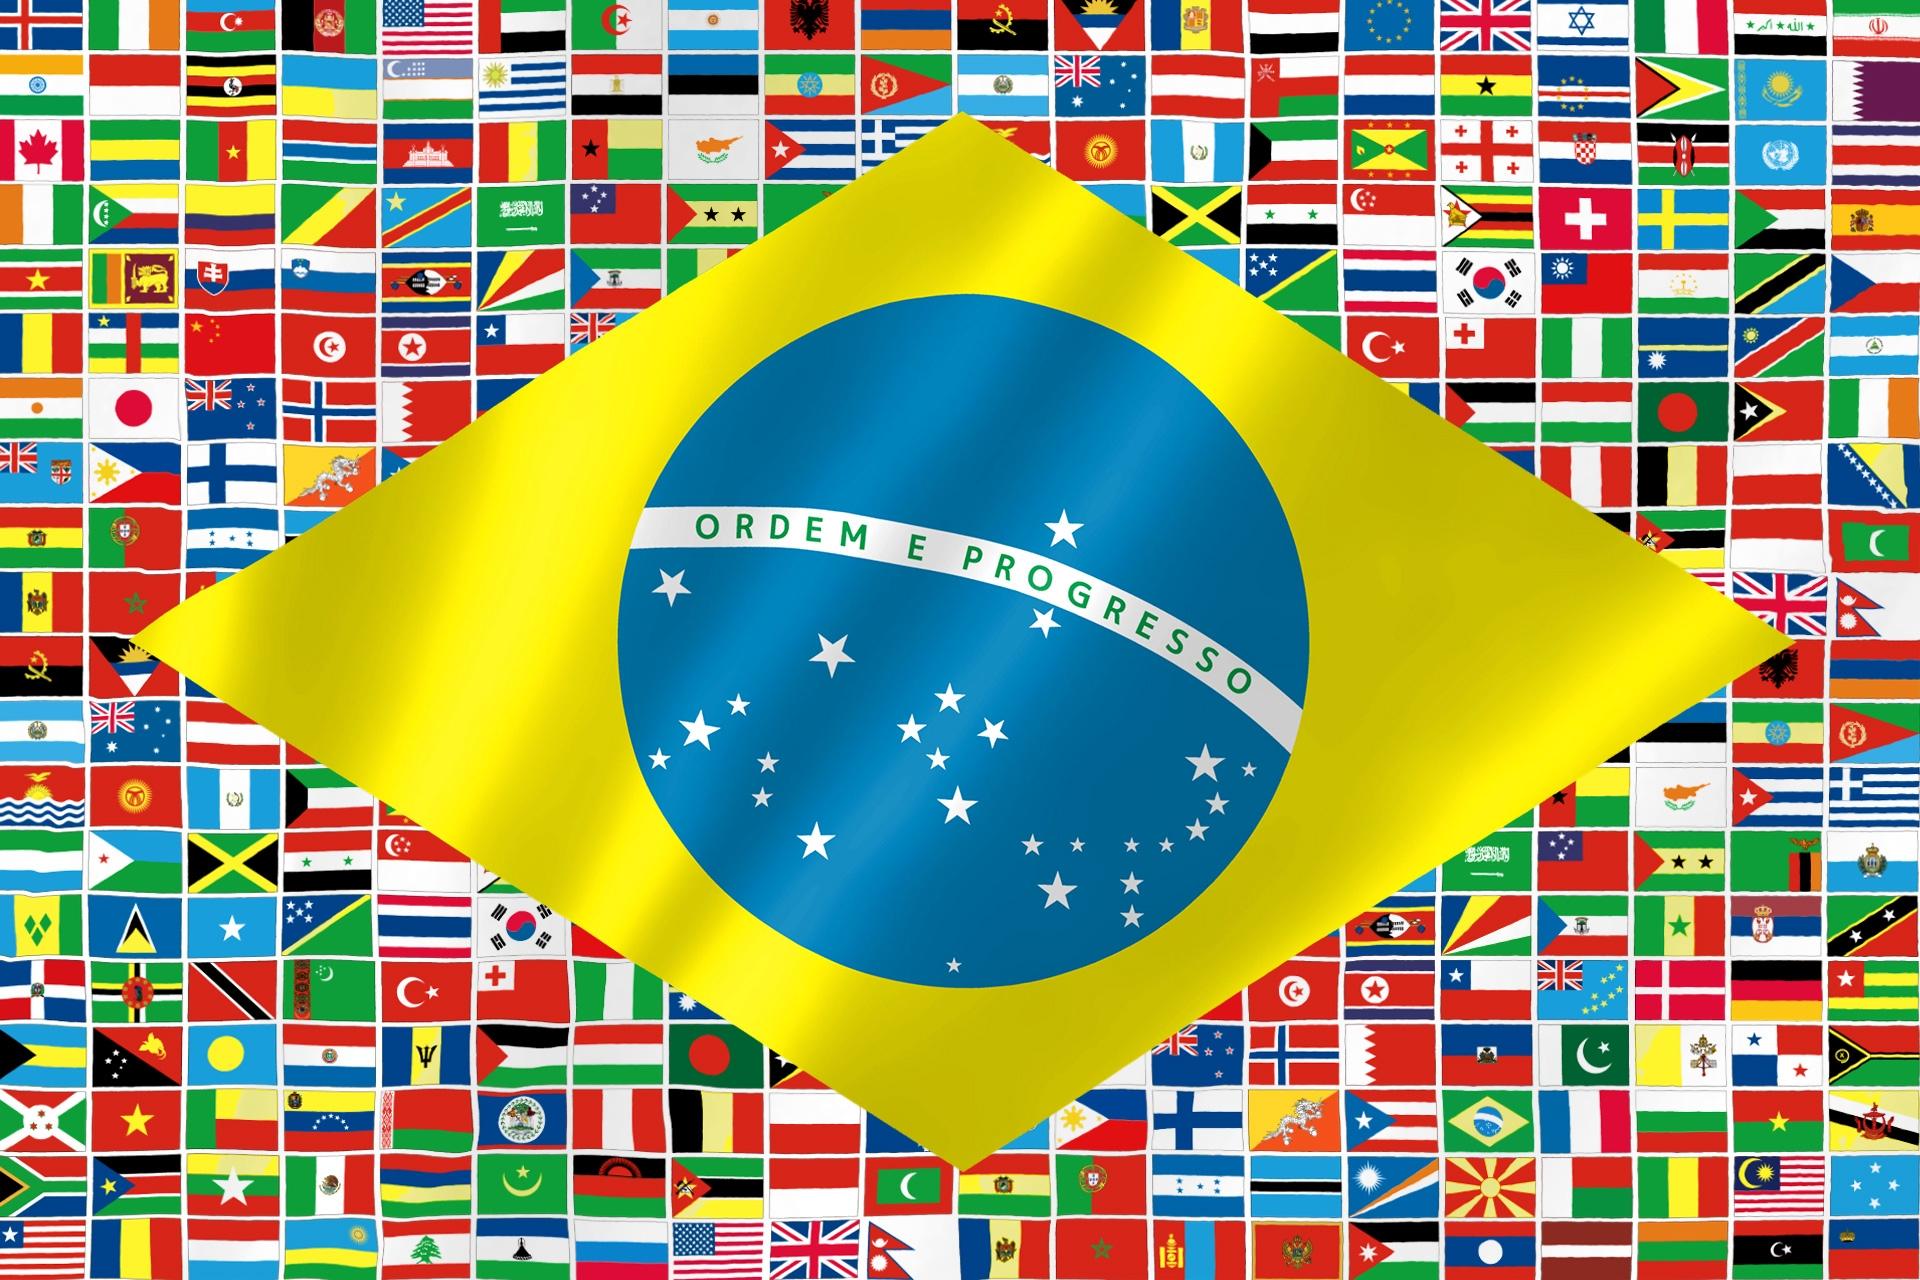 リオ五輪でブラジルのAirbnbホスト収益2500万ドル!経済効果7600万ドル!